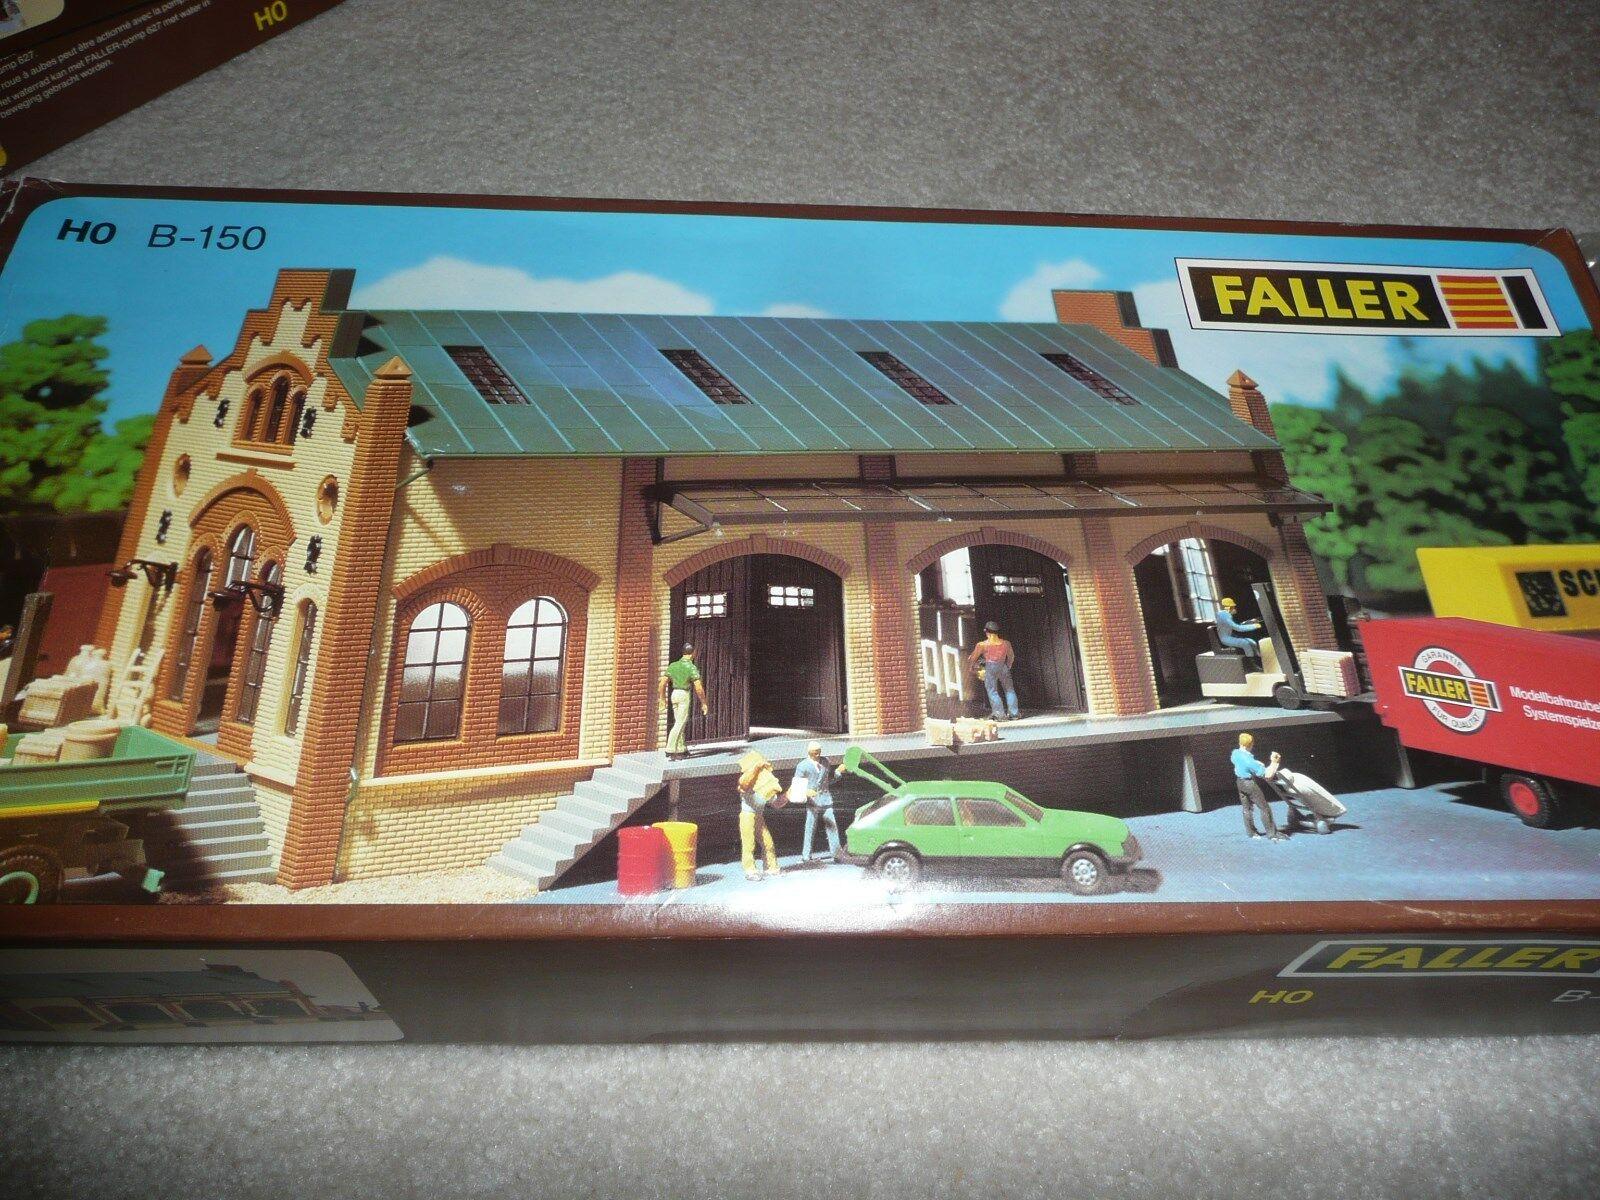 nuevo 187 Ho Escala Faller B-150 mercancías Casa Kit (ea-0-7001)